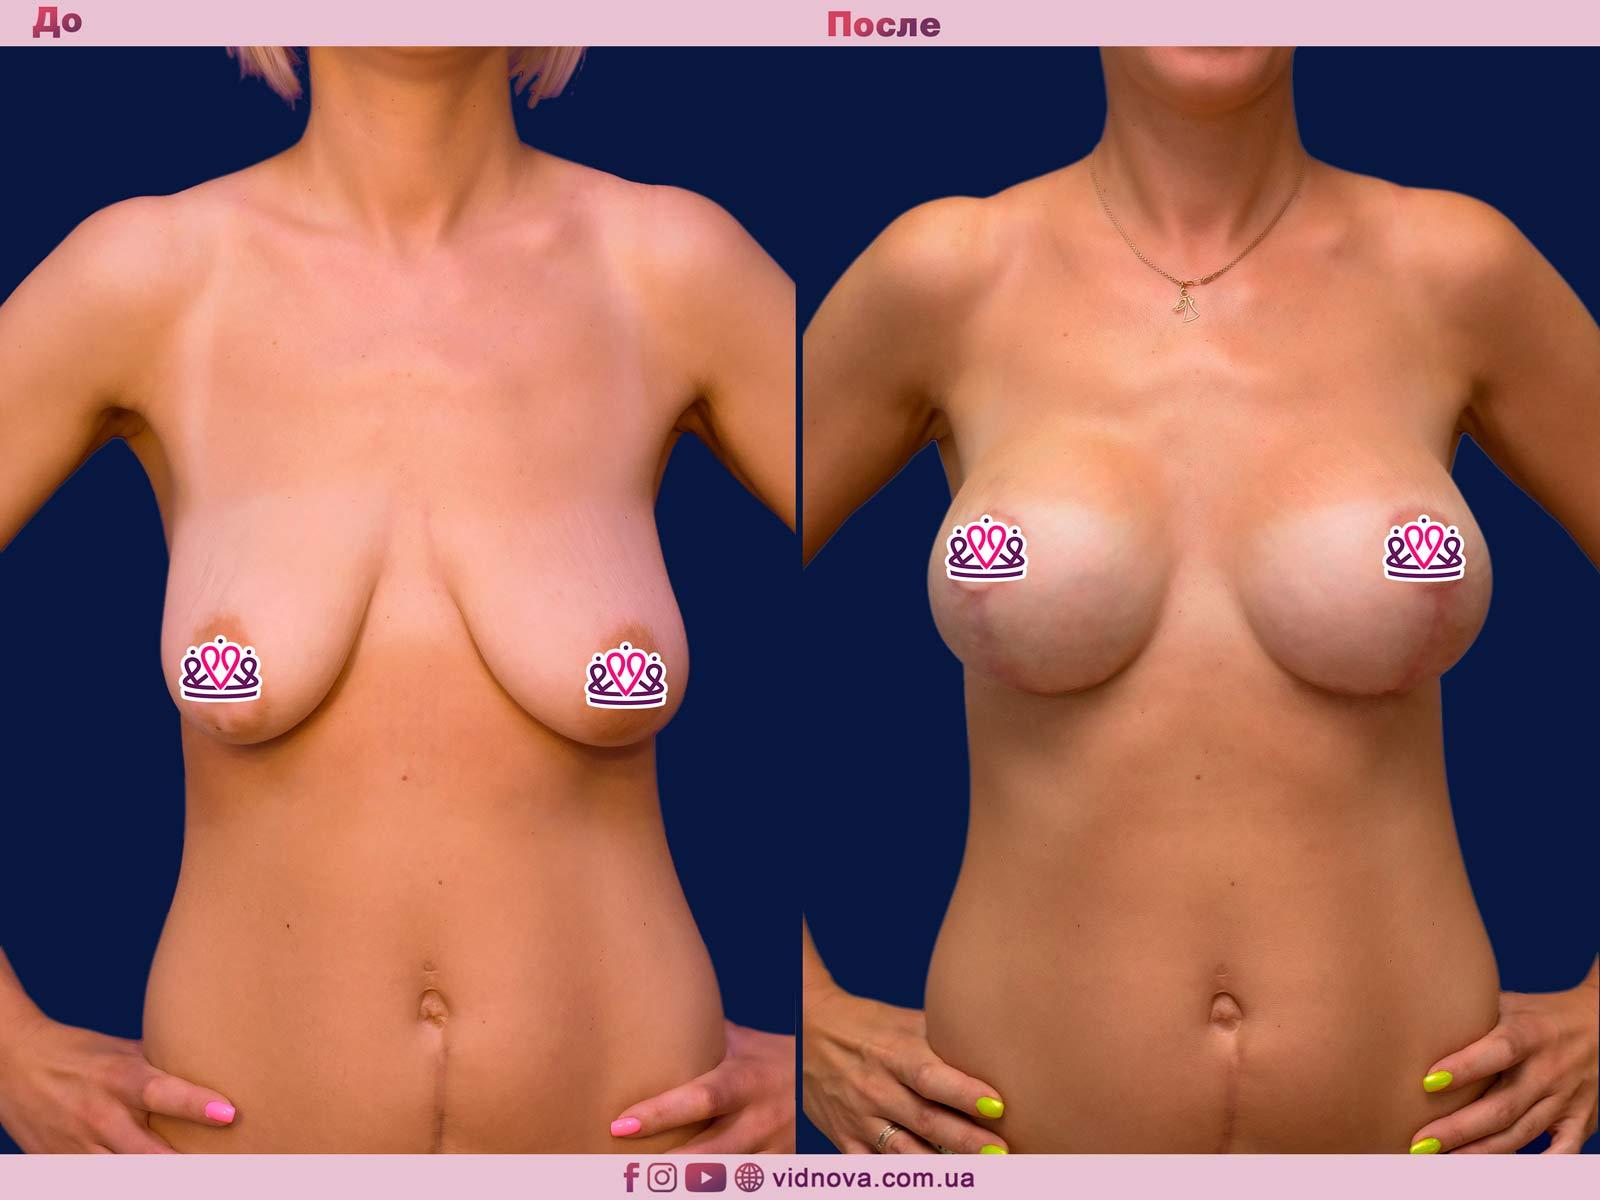 Пластика груди: результаты до и после - Пример №21-0 - Светлана Работенко